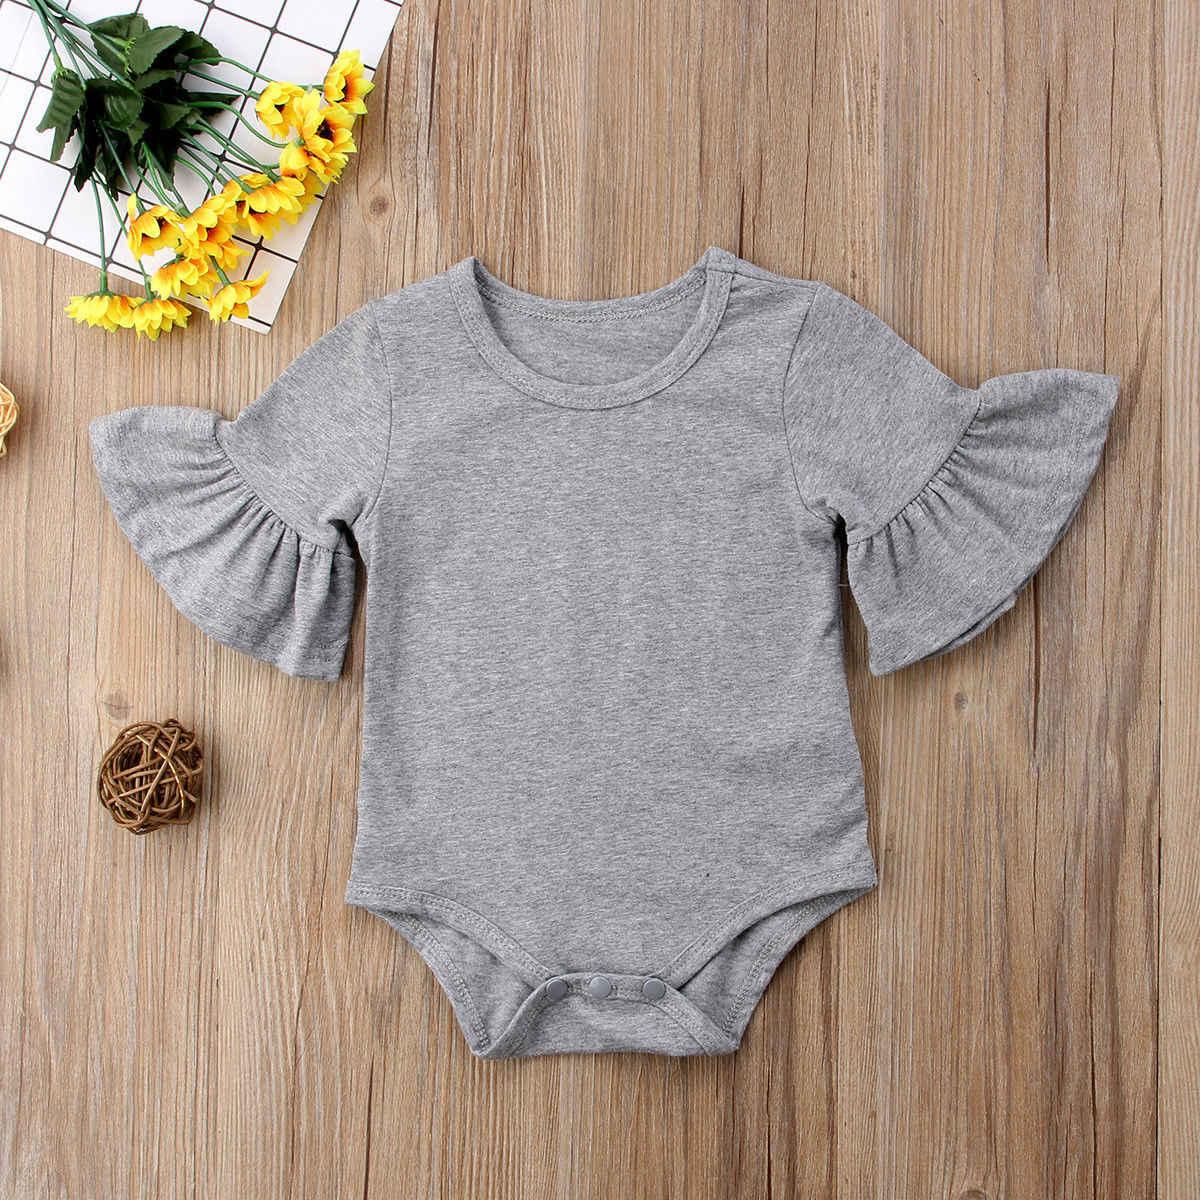 0-24 m יילוד תינוקת התלקחות שרוול מוצק שחור לבן אפור כותנה Romper סרבל תלבושות בגדי תינוקות